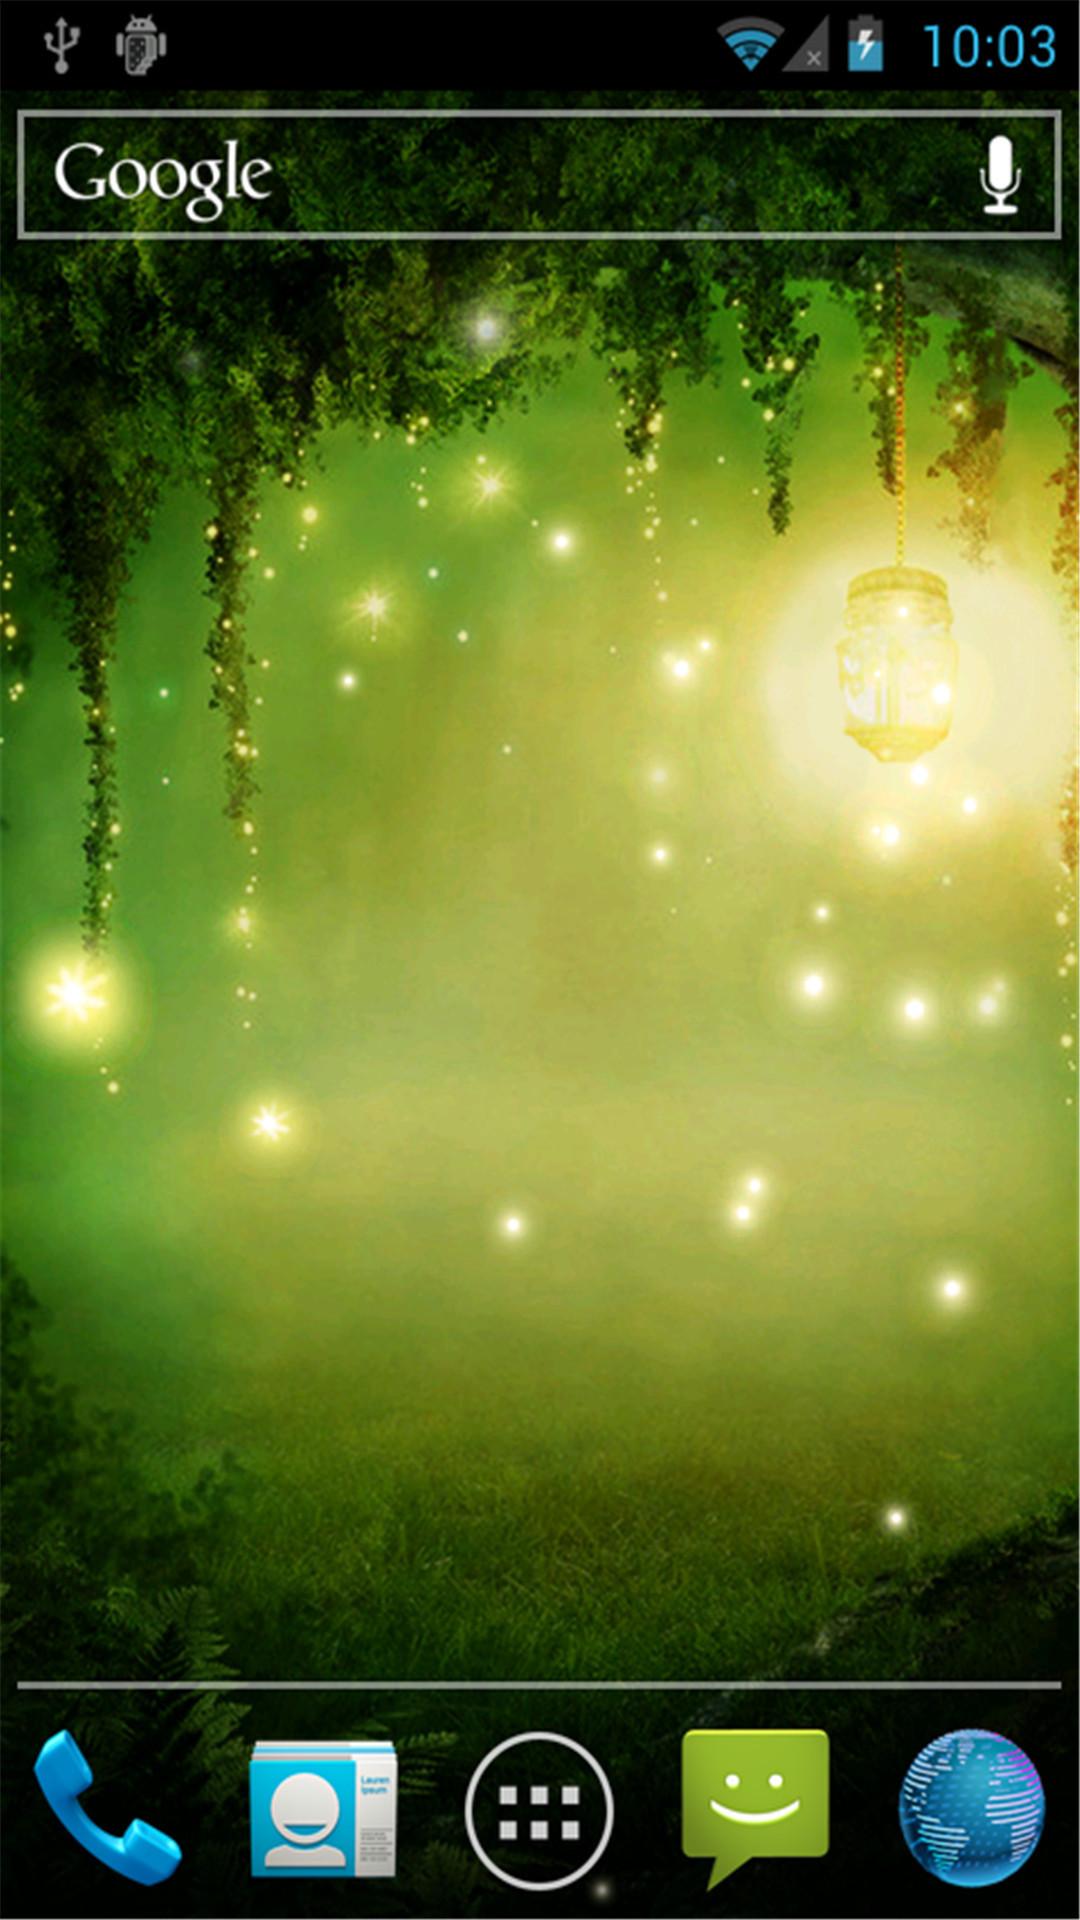 萤光森林-动态壁纸图片